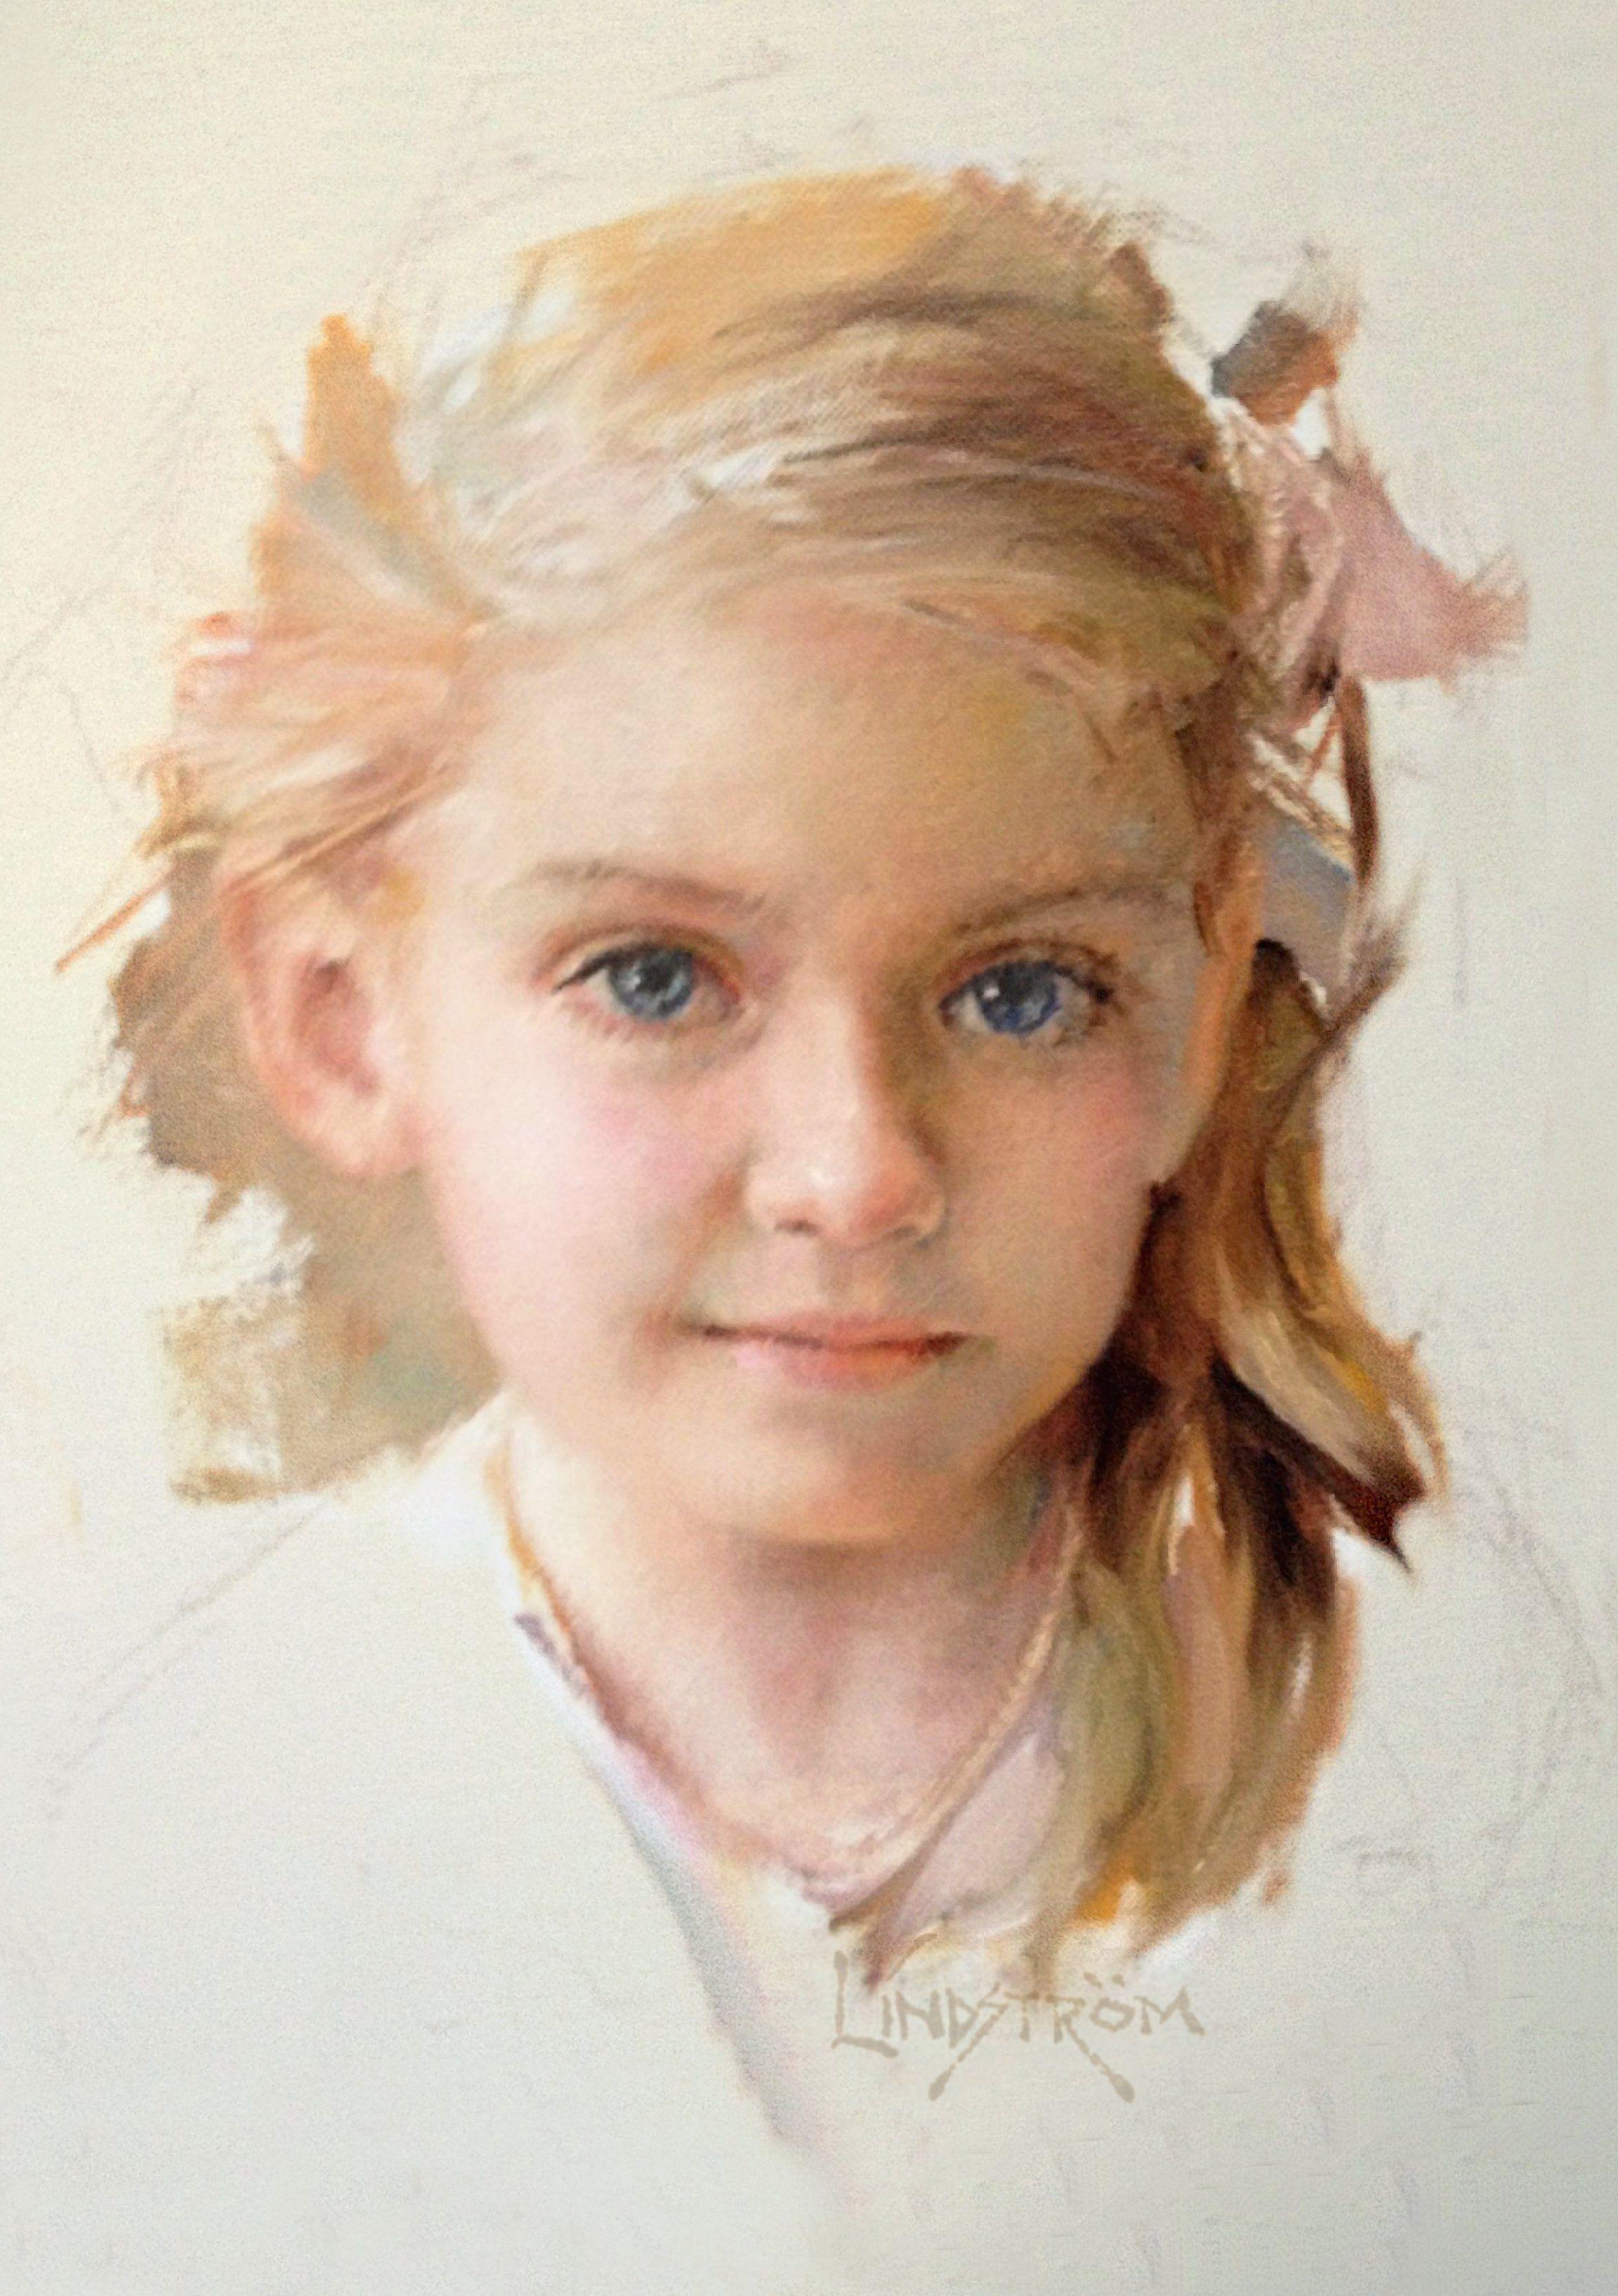 Bart Lindstrom Braze Detail Oil Painting Fine Art Sargent